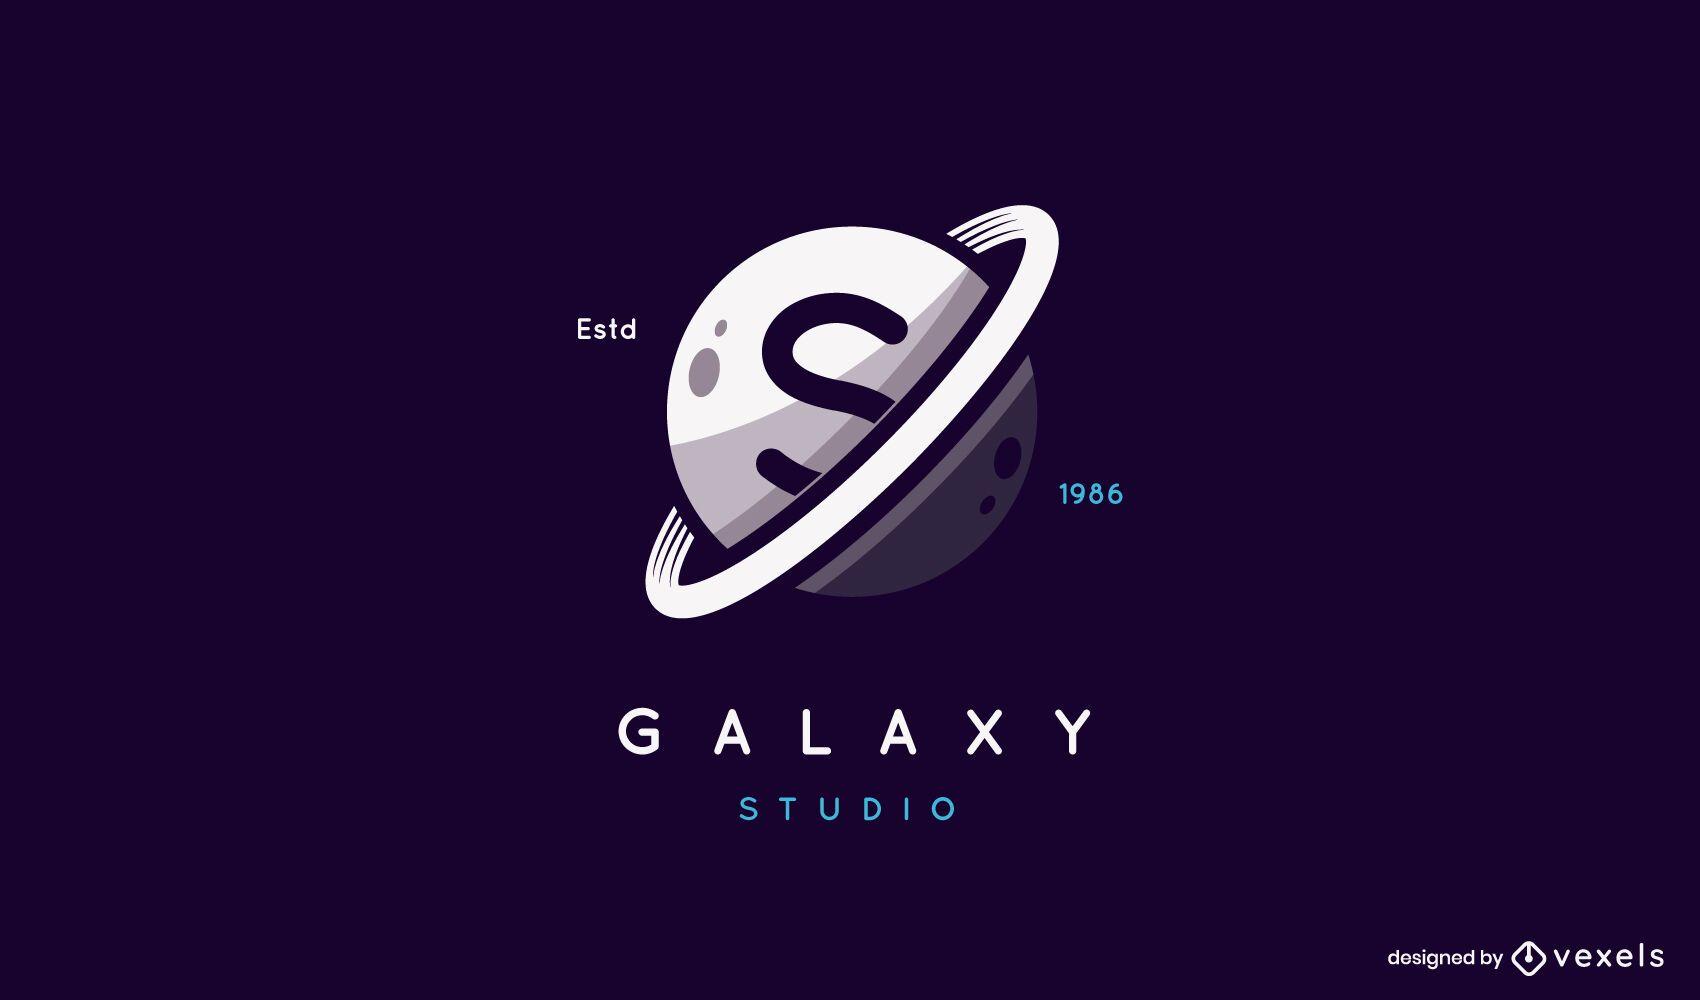 Saturn galaxy logo design